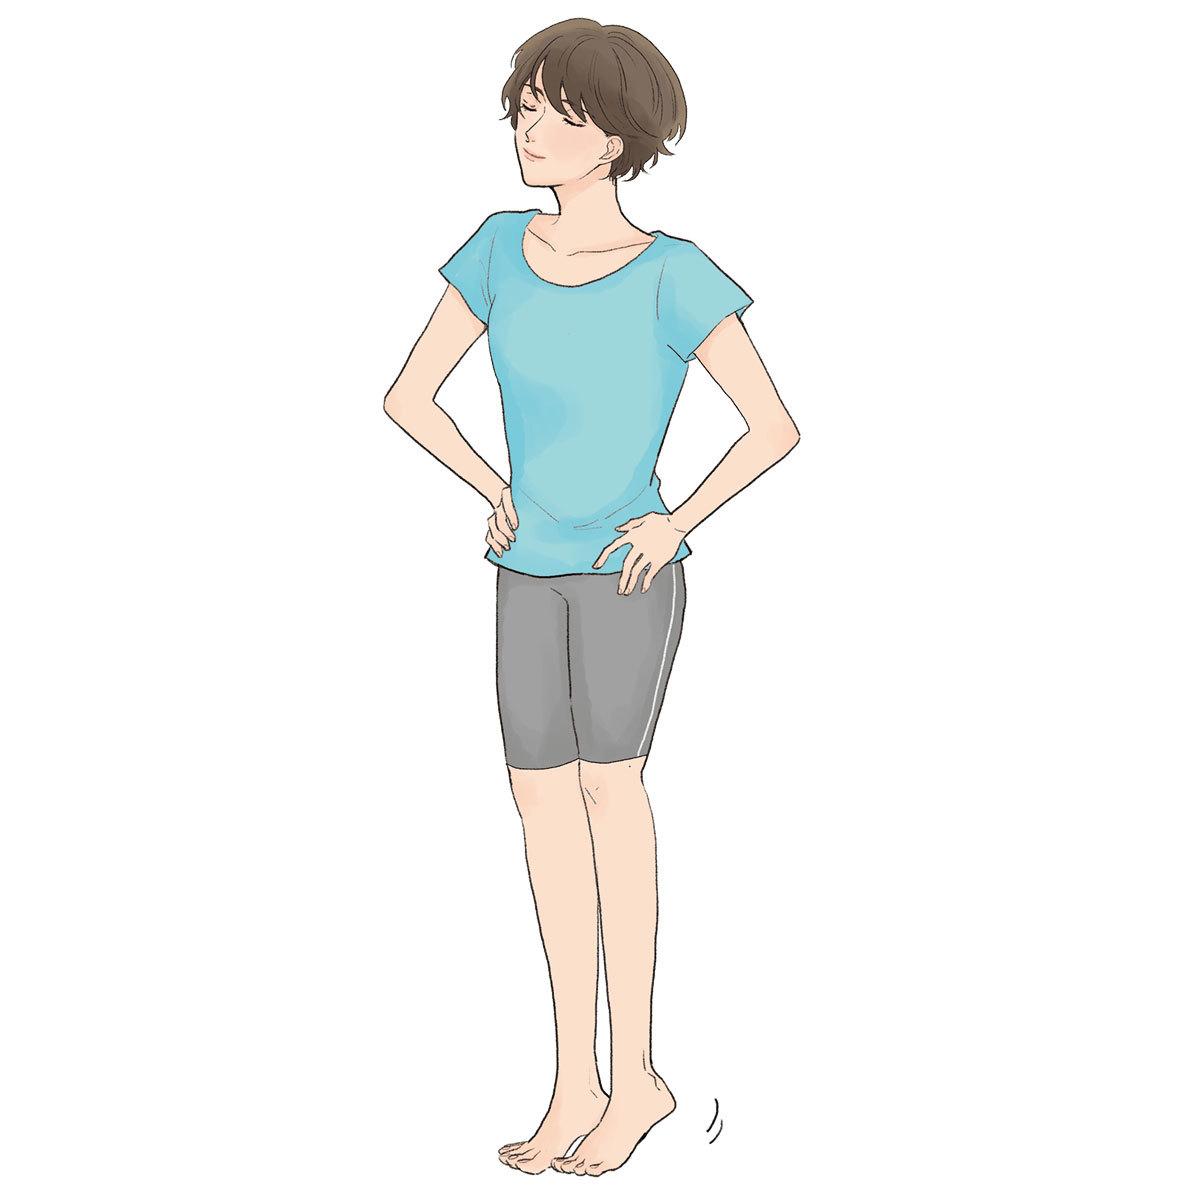 足ツボ&筋力アップで冷えない体を作る!【キレイになる活】_1_3-1